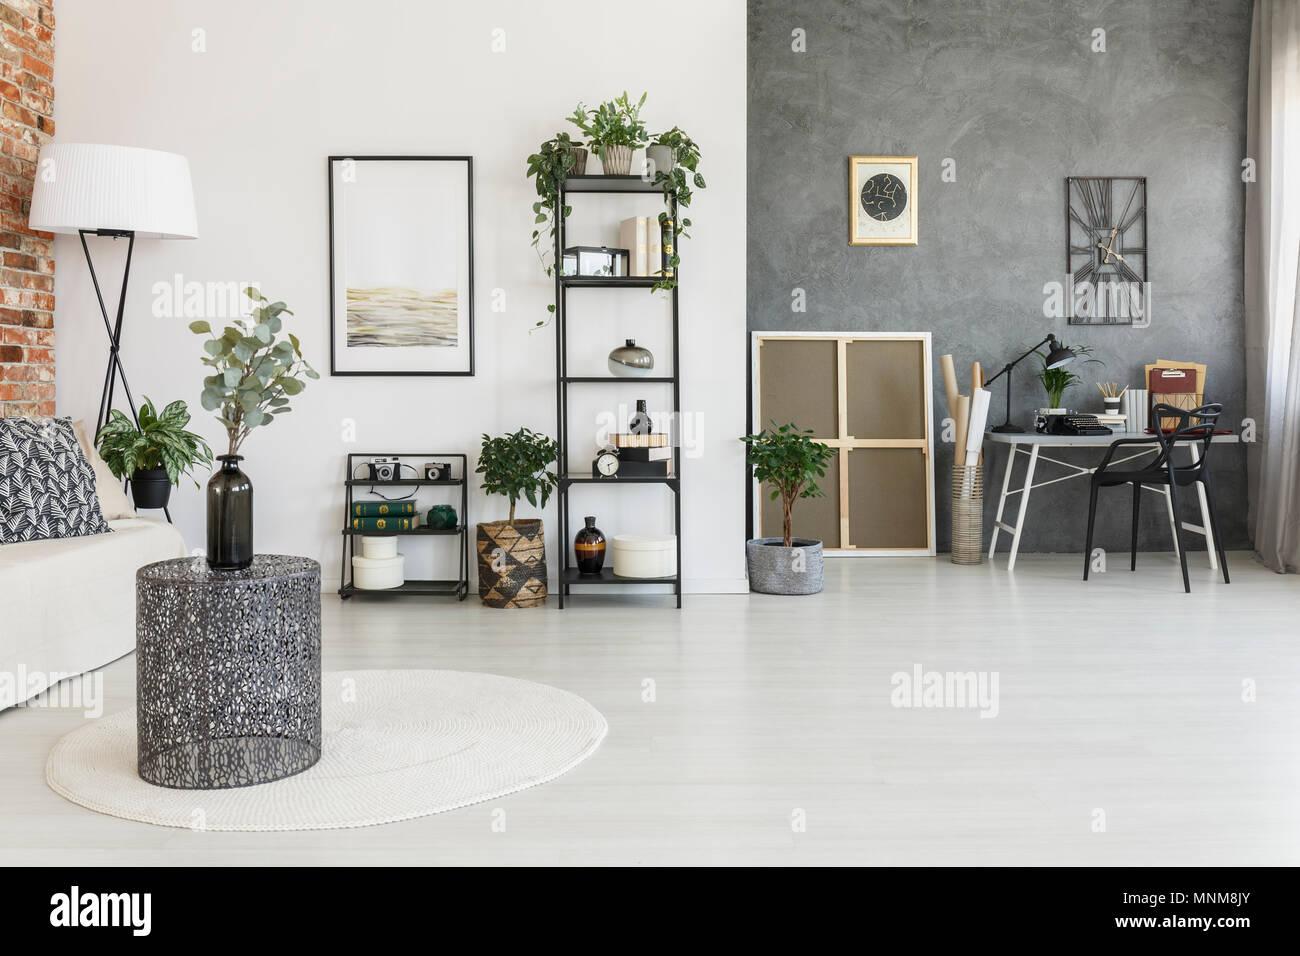 Vase Auf Metall Tisch Im Offenen Raum Wohnzimmer Mit Arbeitsbereich,  Pflanzen Und Kontrastreichen Farben Wände